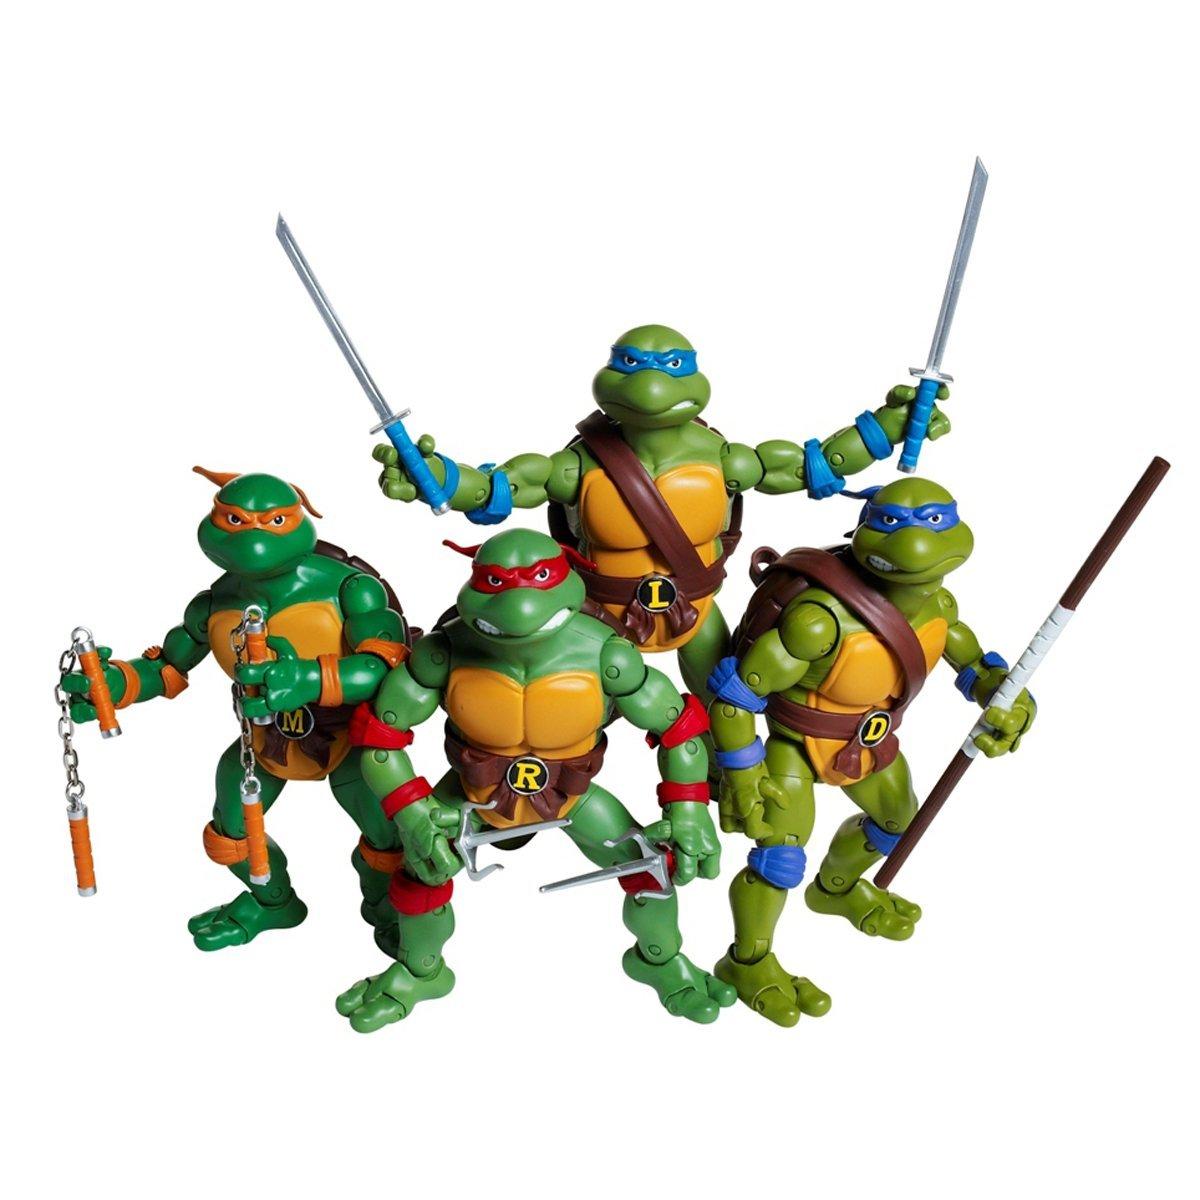 Teenage Mutant Ninja Turtles Toys : Teenage mutant ninja turtles classic set of figures by